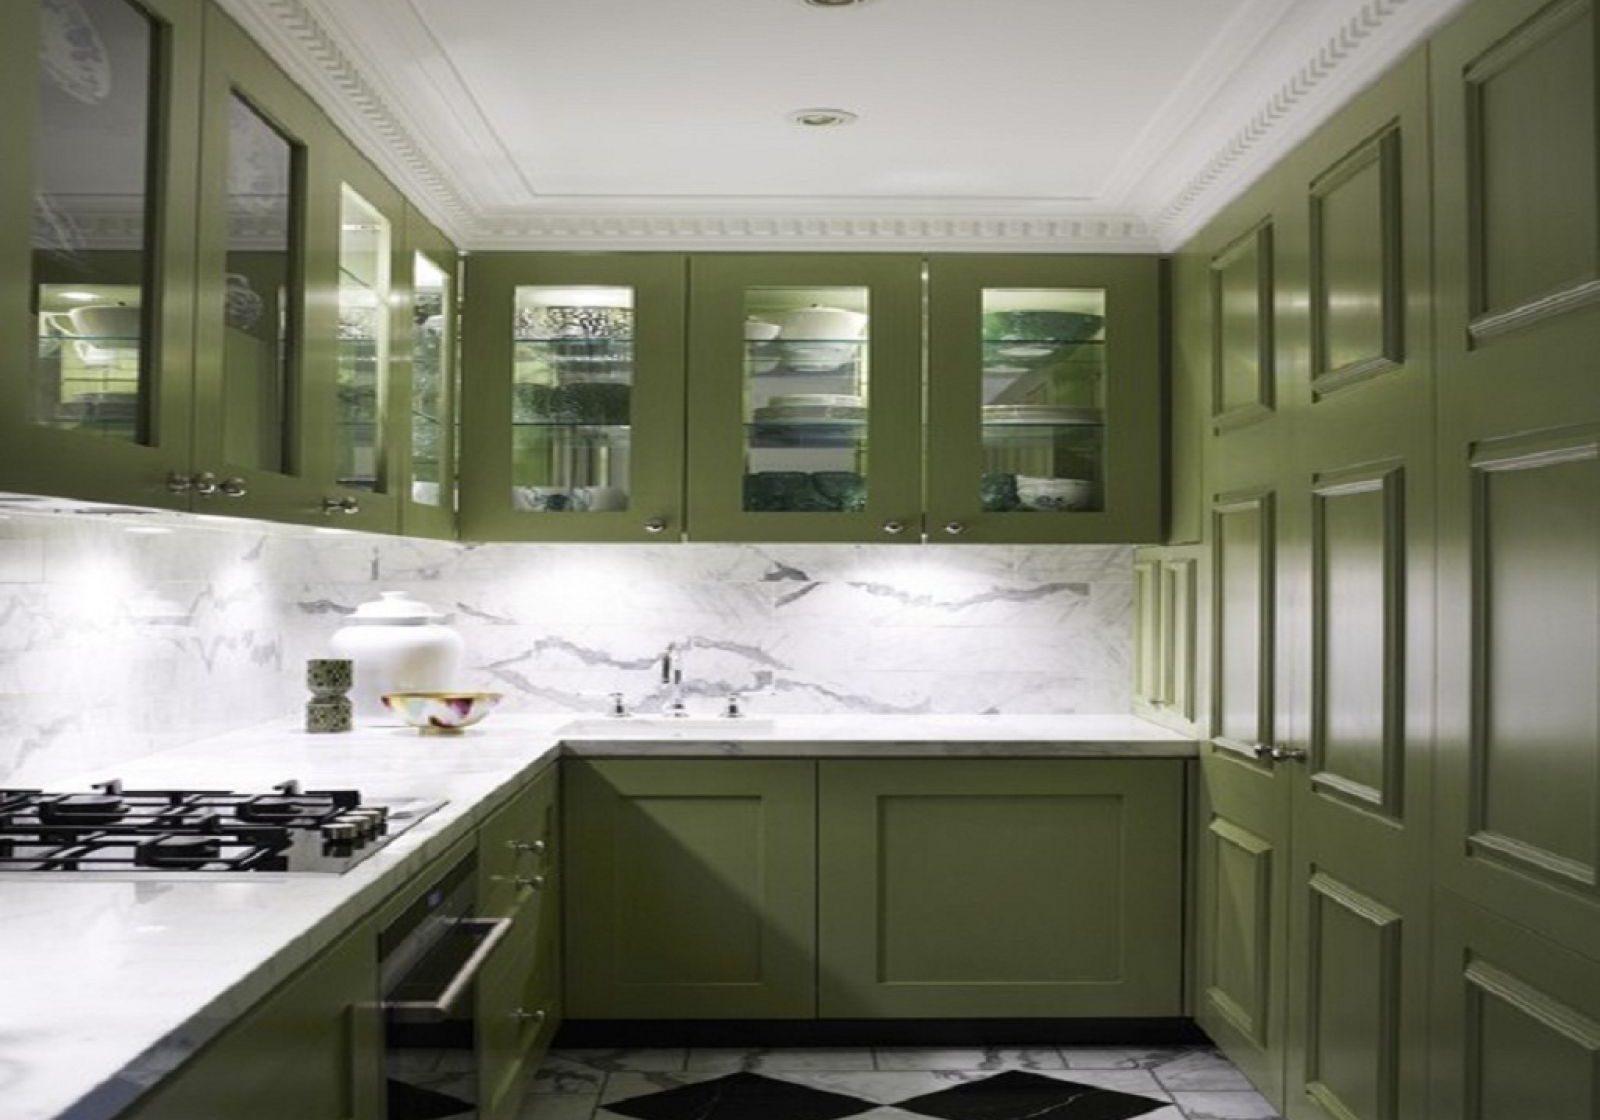 Оливковый оттенок зеленой кухни модерн